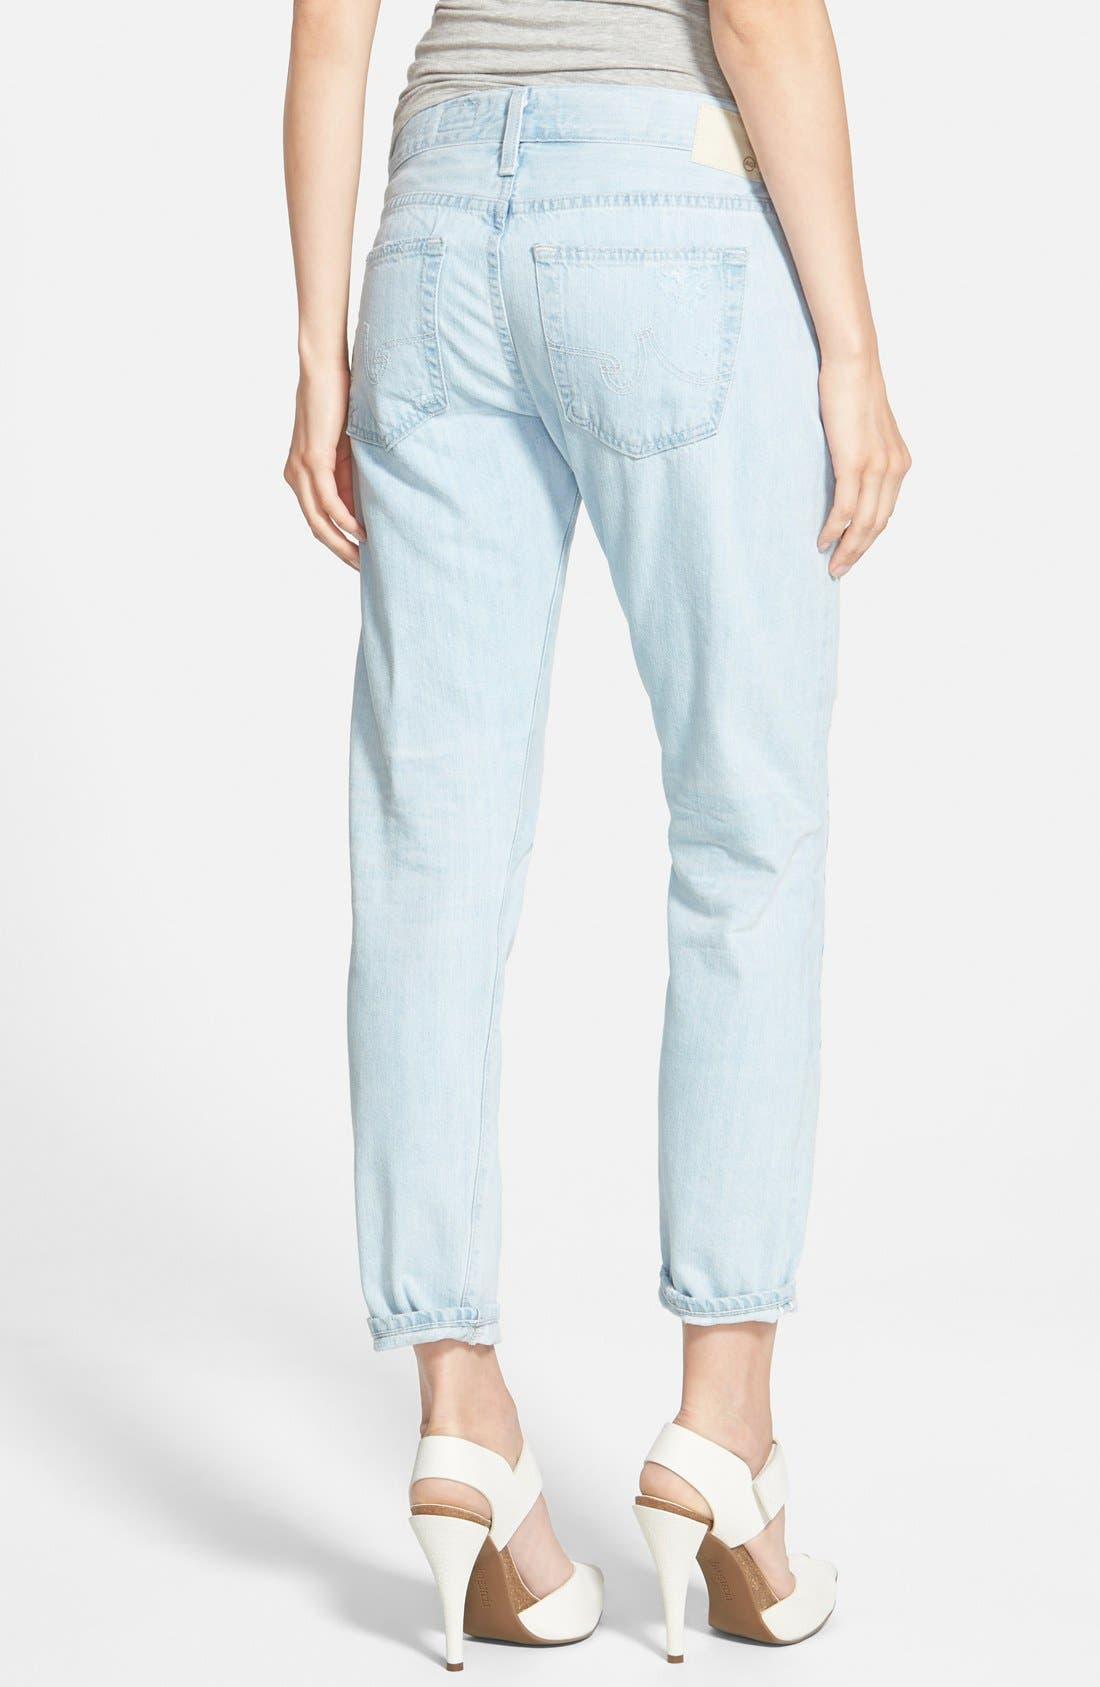 Alternate Image 2  - AG 'Nikki' Relaxed Skinny Crop Jeans (28 Years Shredded)